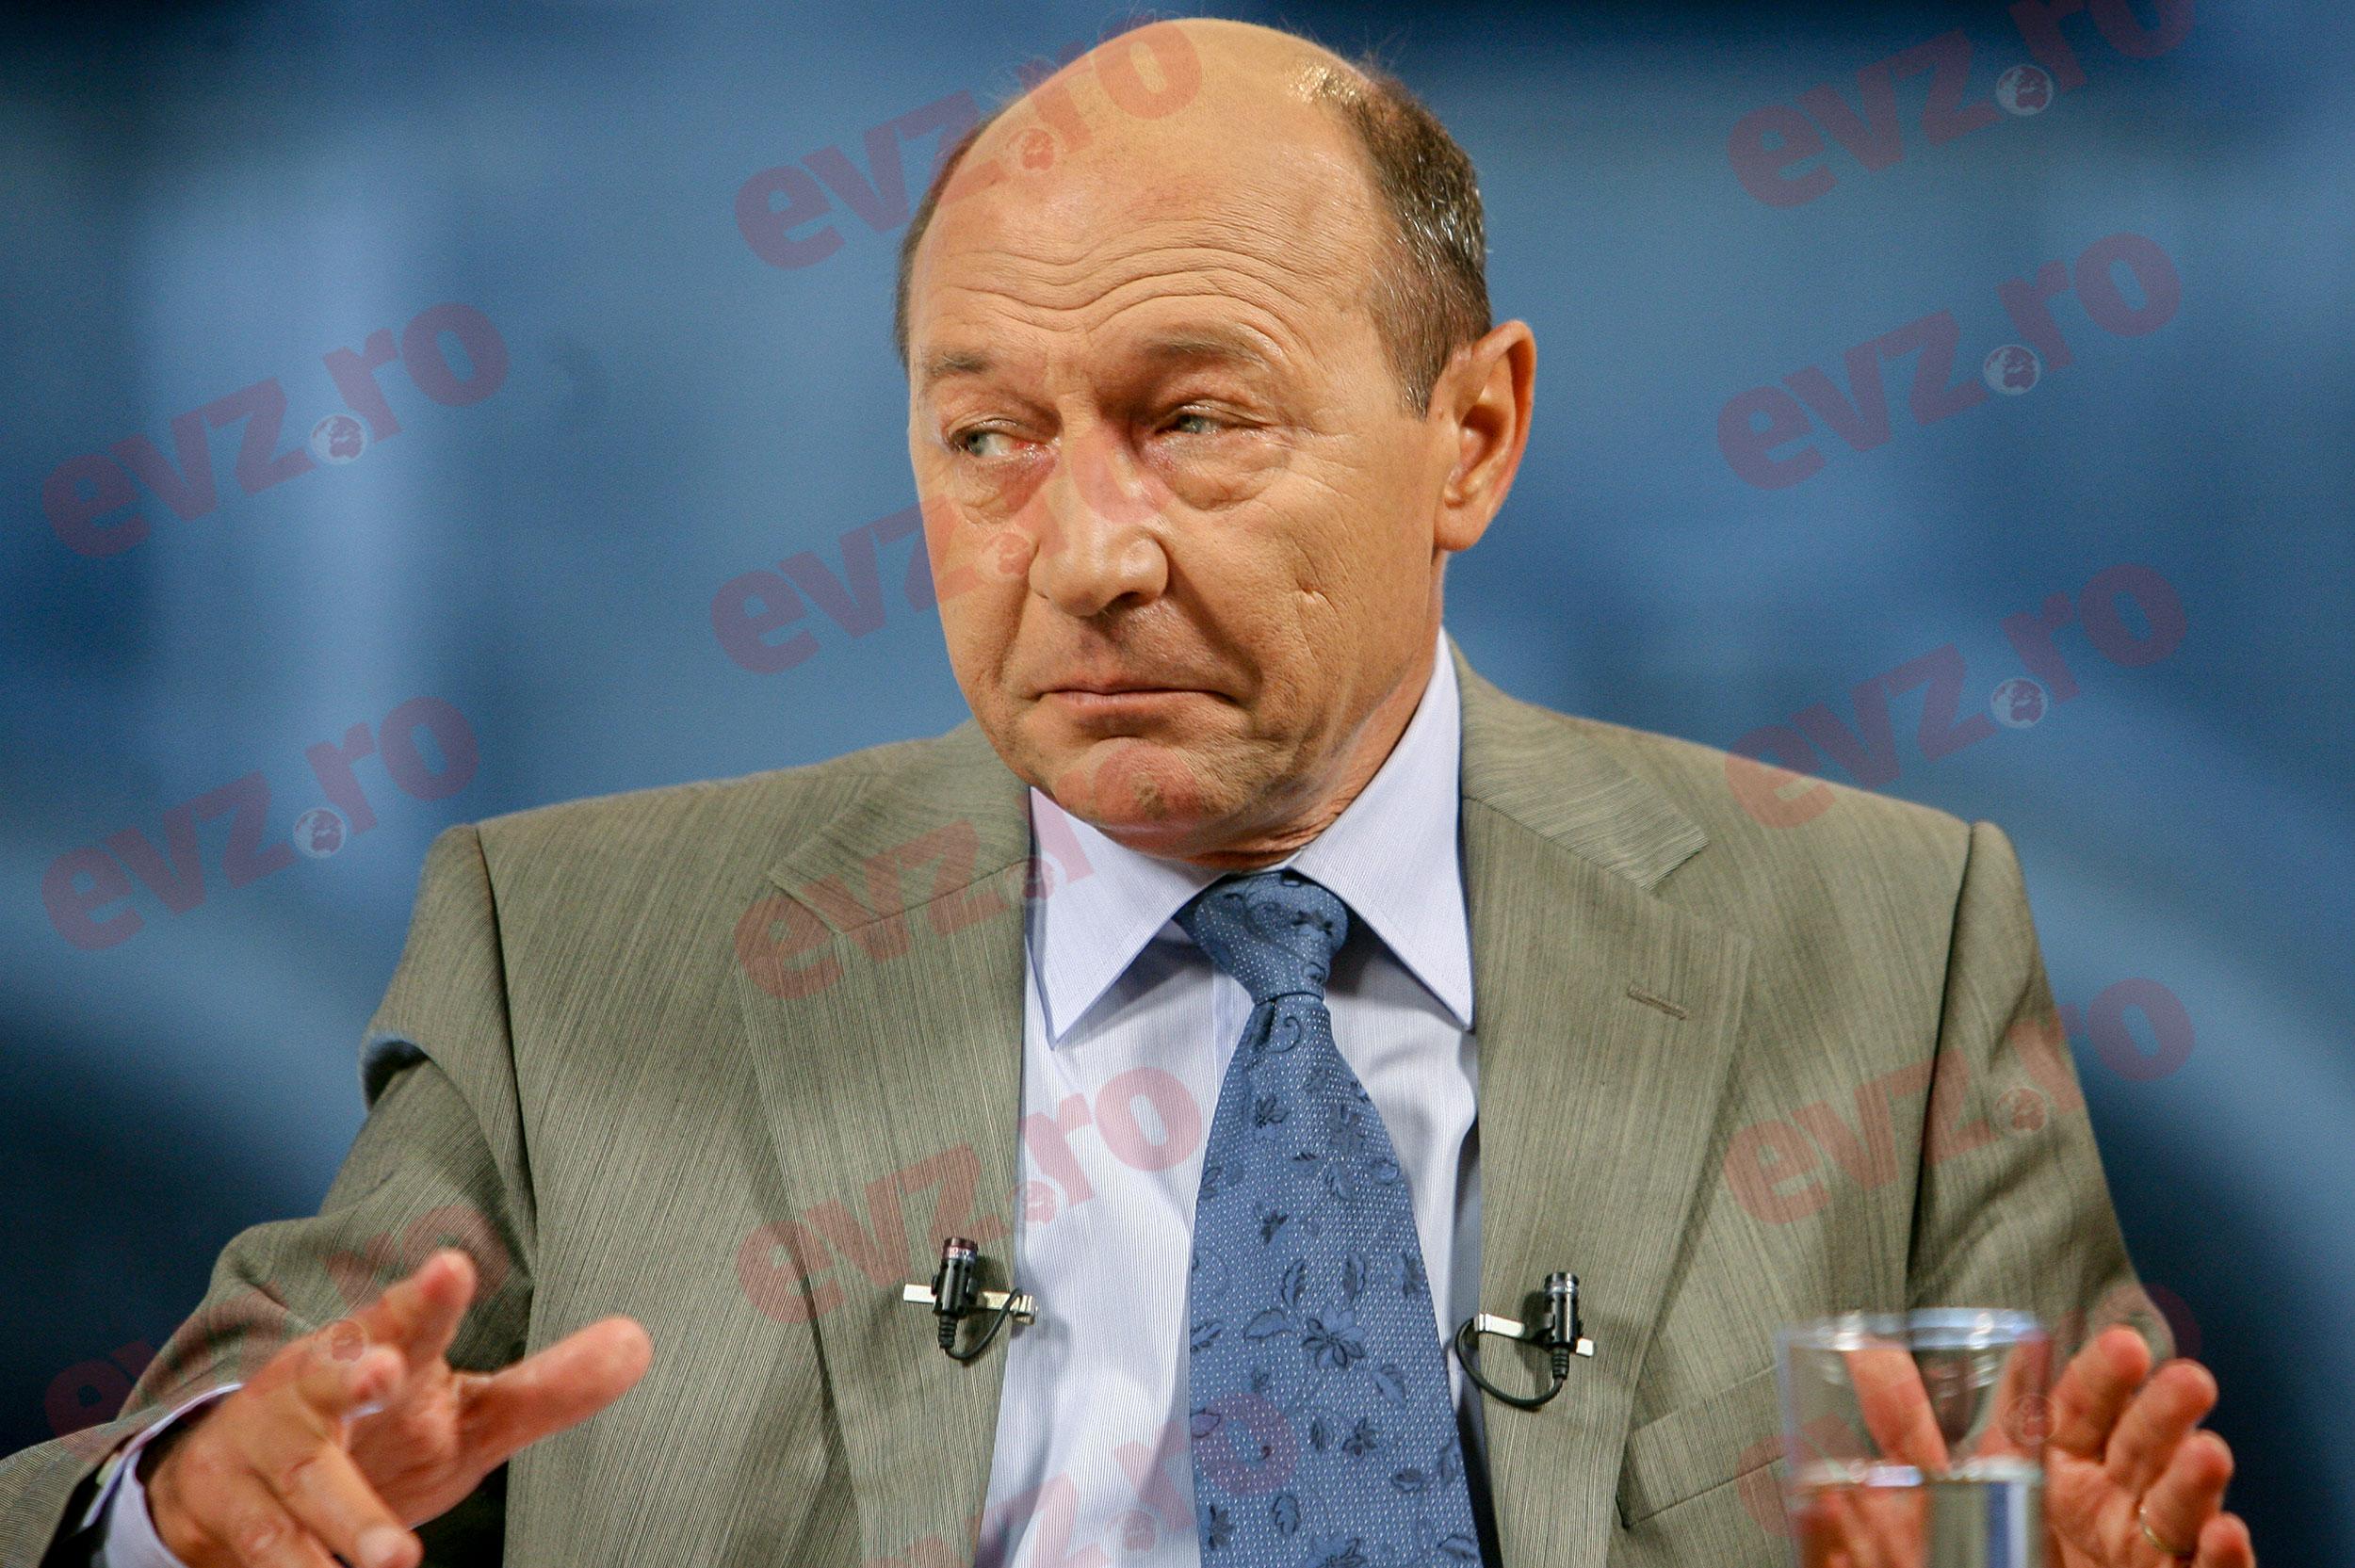 Marea minciună a PSD în pandemie? S-a aflat şi pare lovitura lui Băsescu